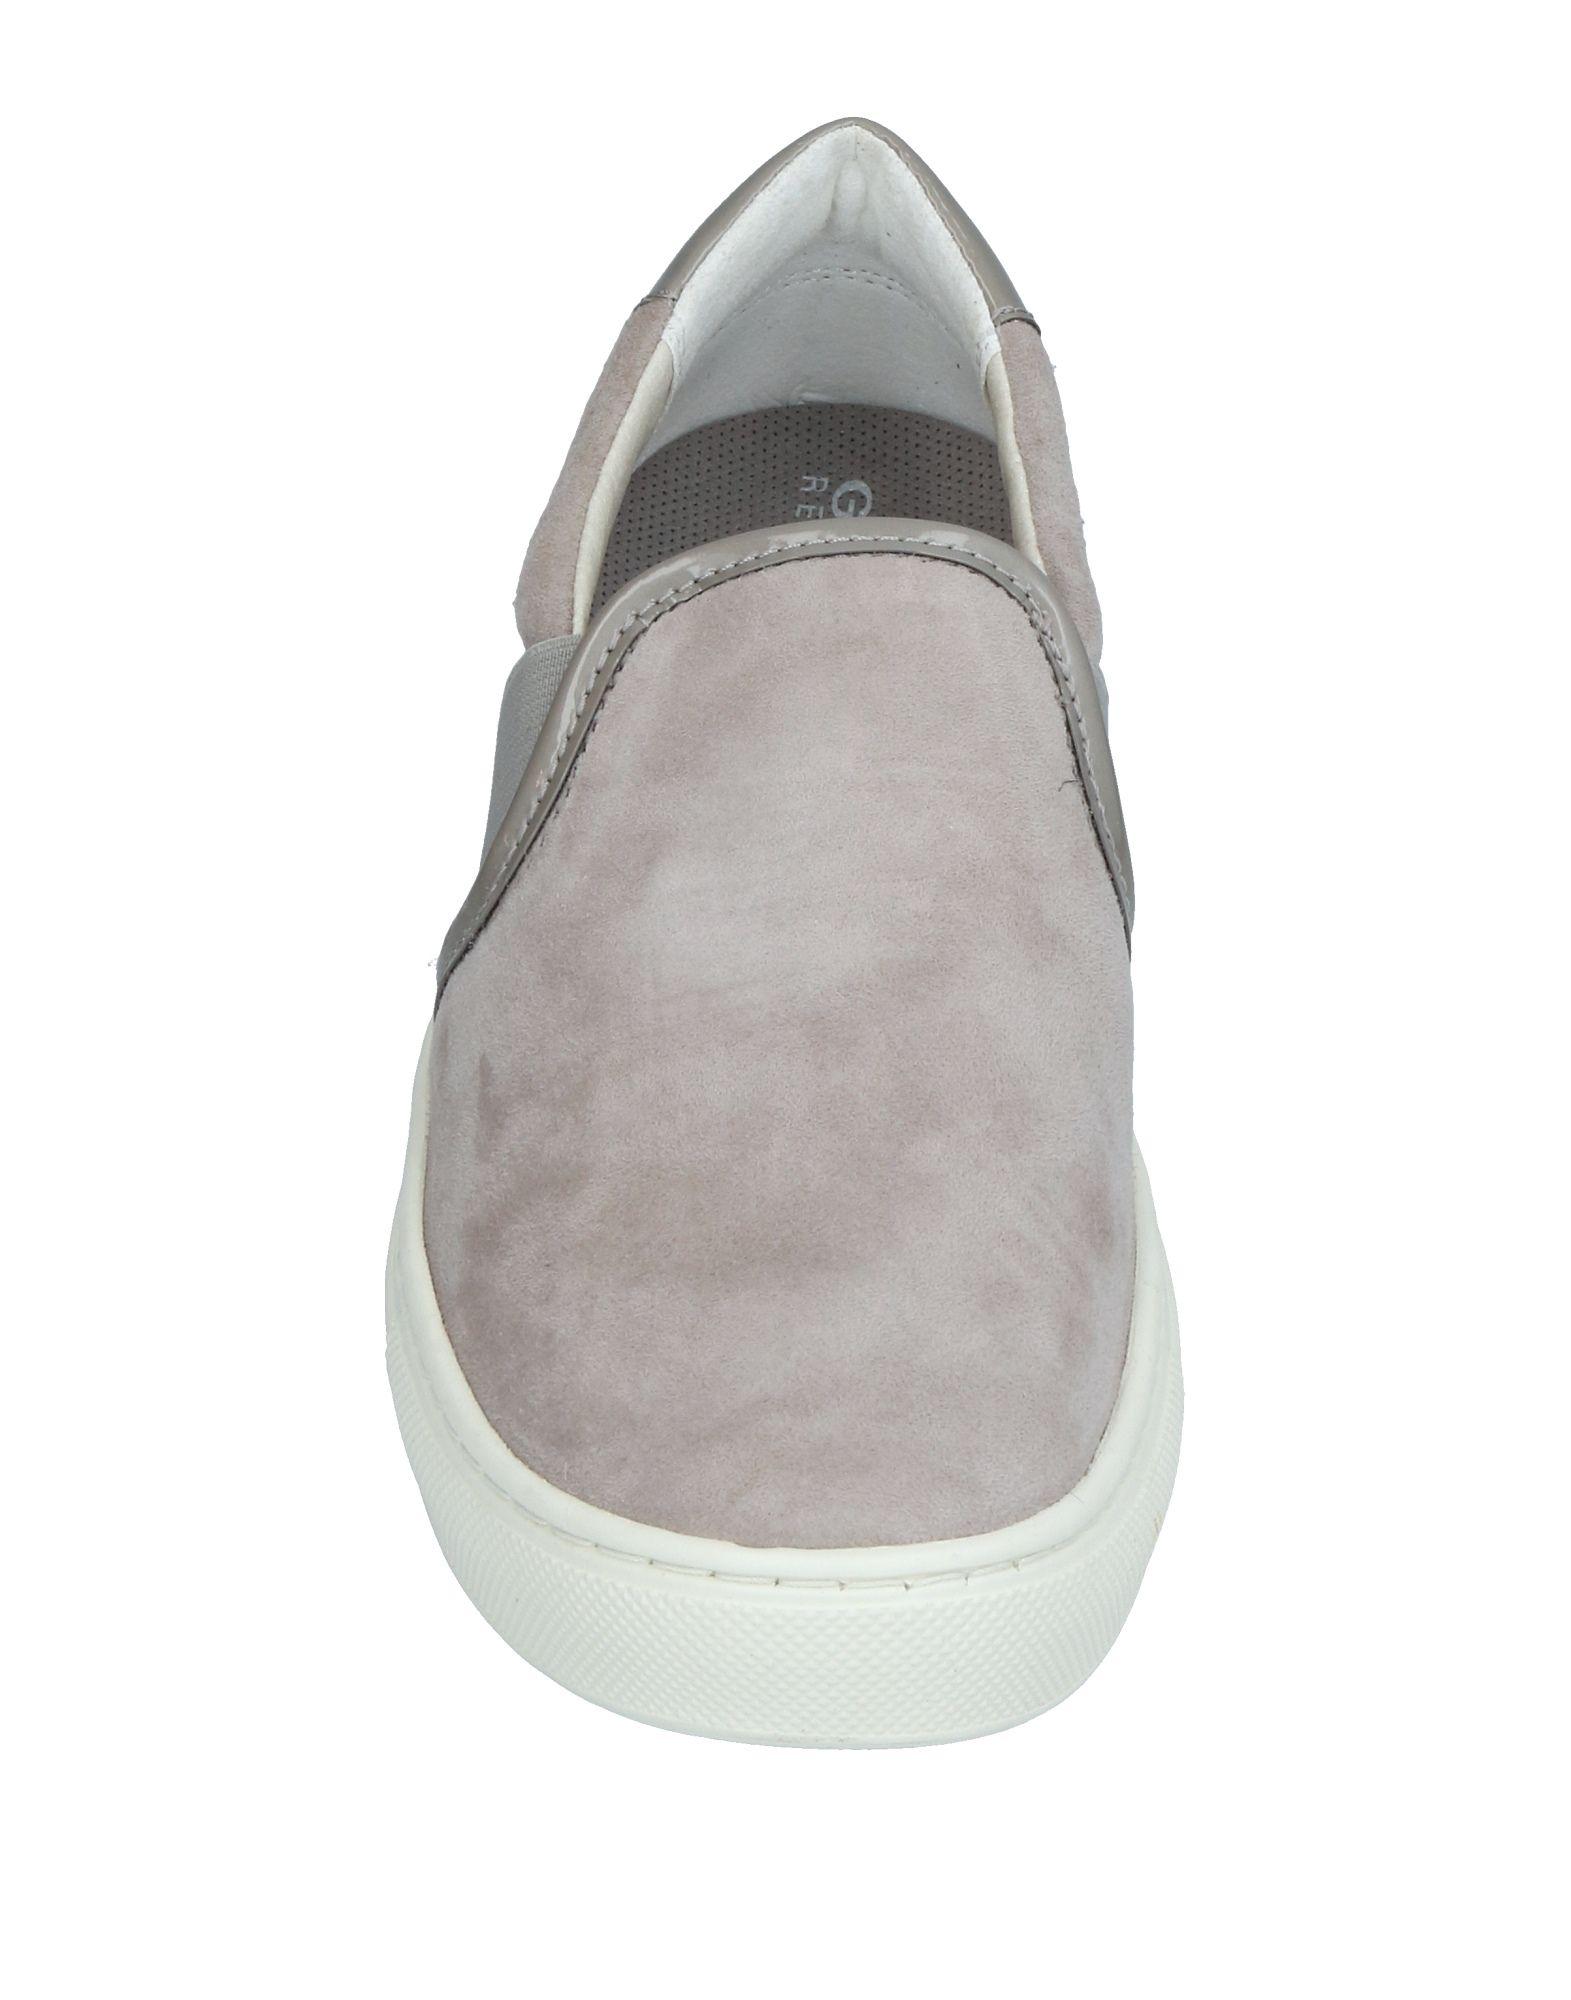 Geox Sneakers Damen Damen Sneakers  11393233SC  5293f9